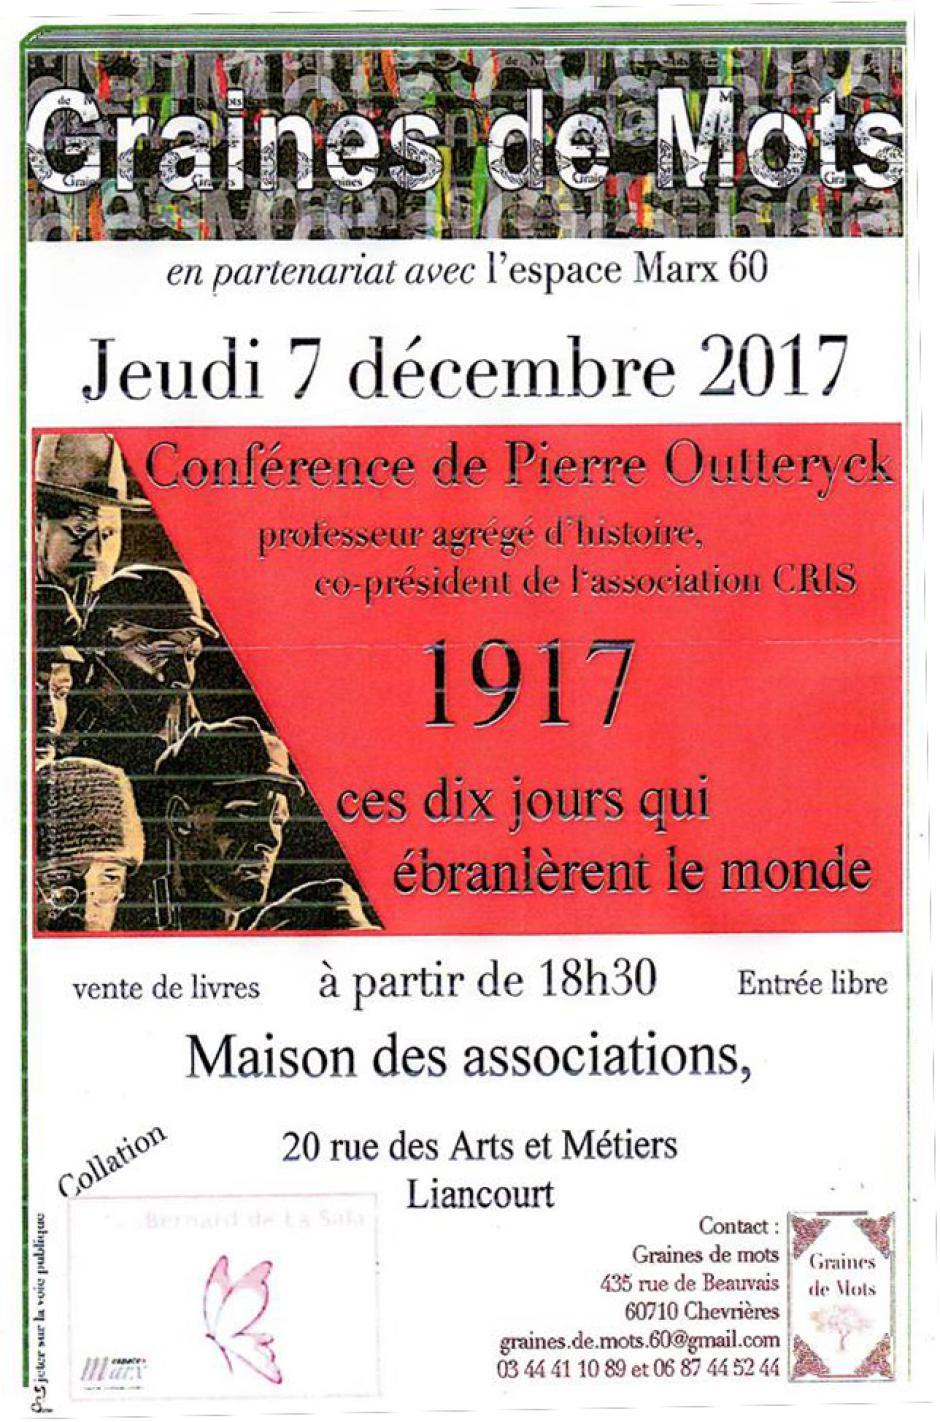 7 décembre, Liancourt - Graines de Mots-Conférence « 1917, ces 10 jours qui ébranlèrent le monde », avec Pierre Outteryck